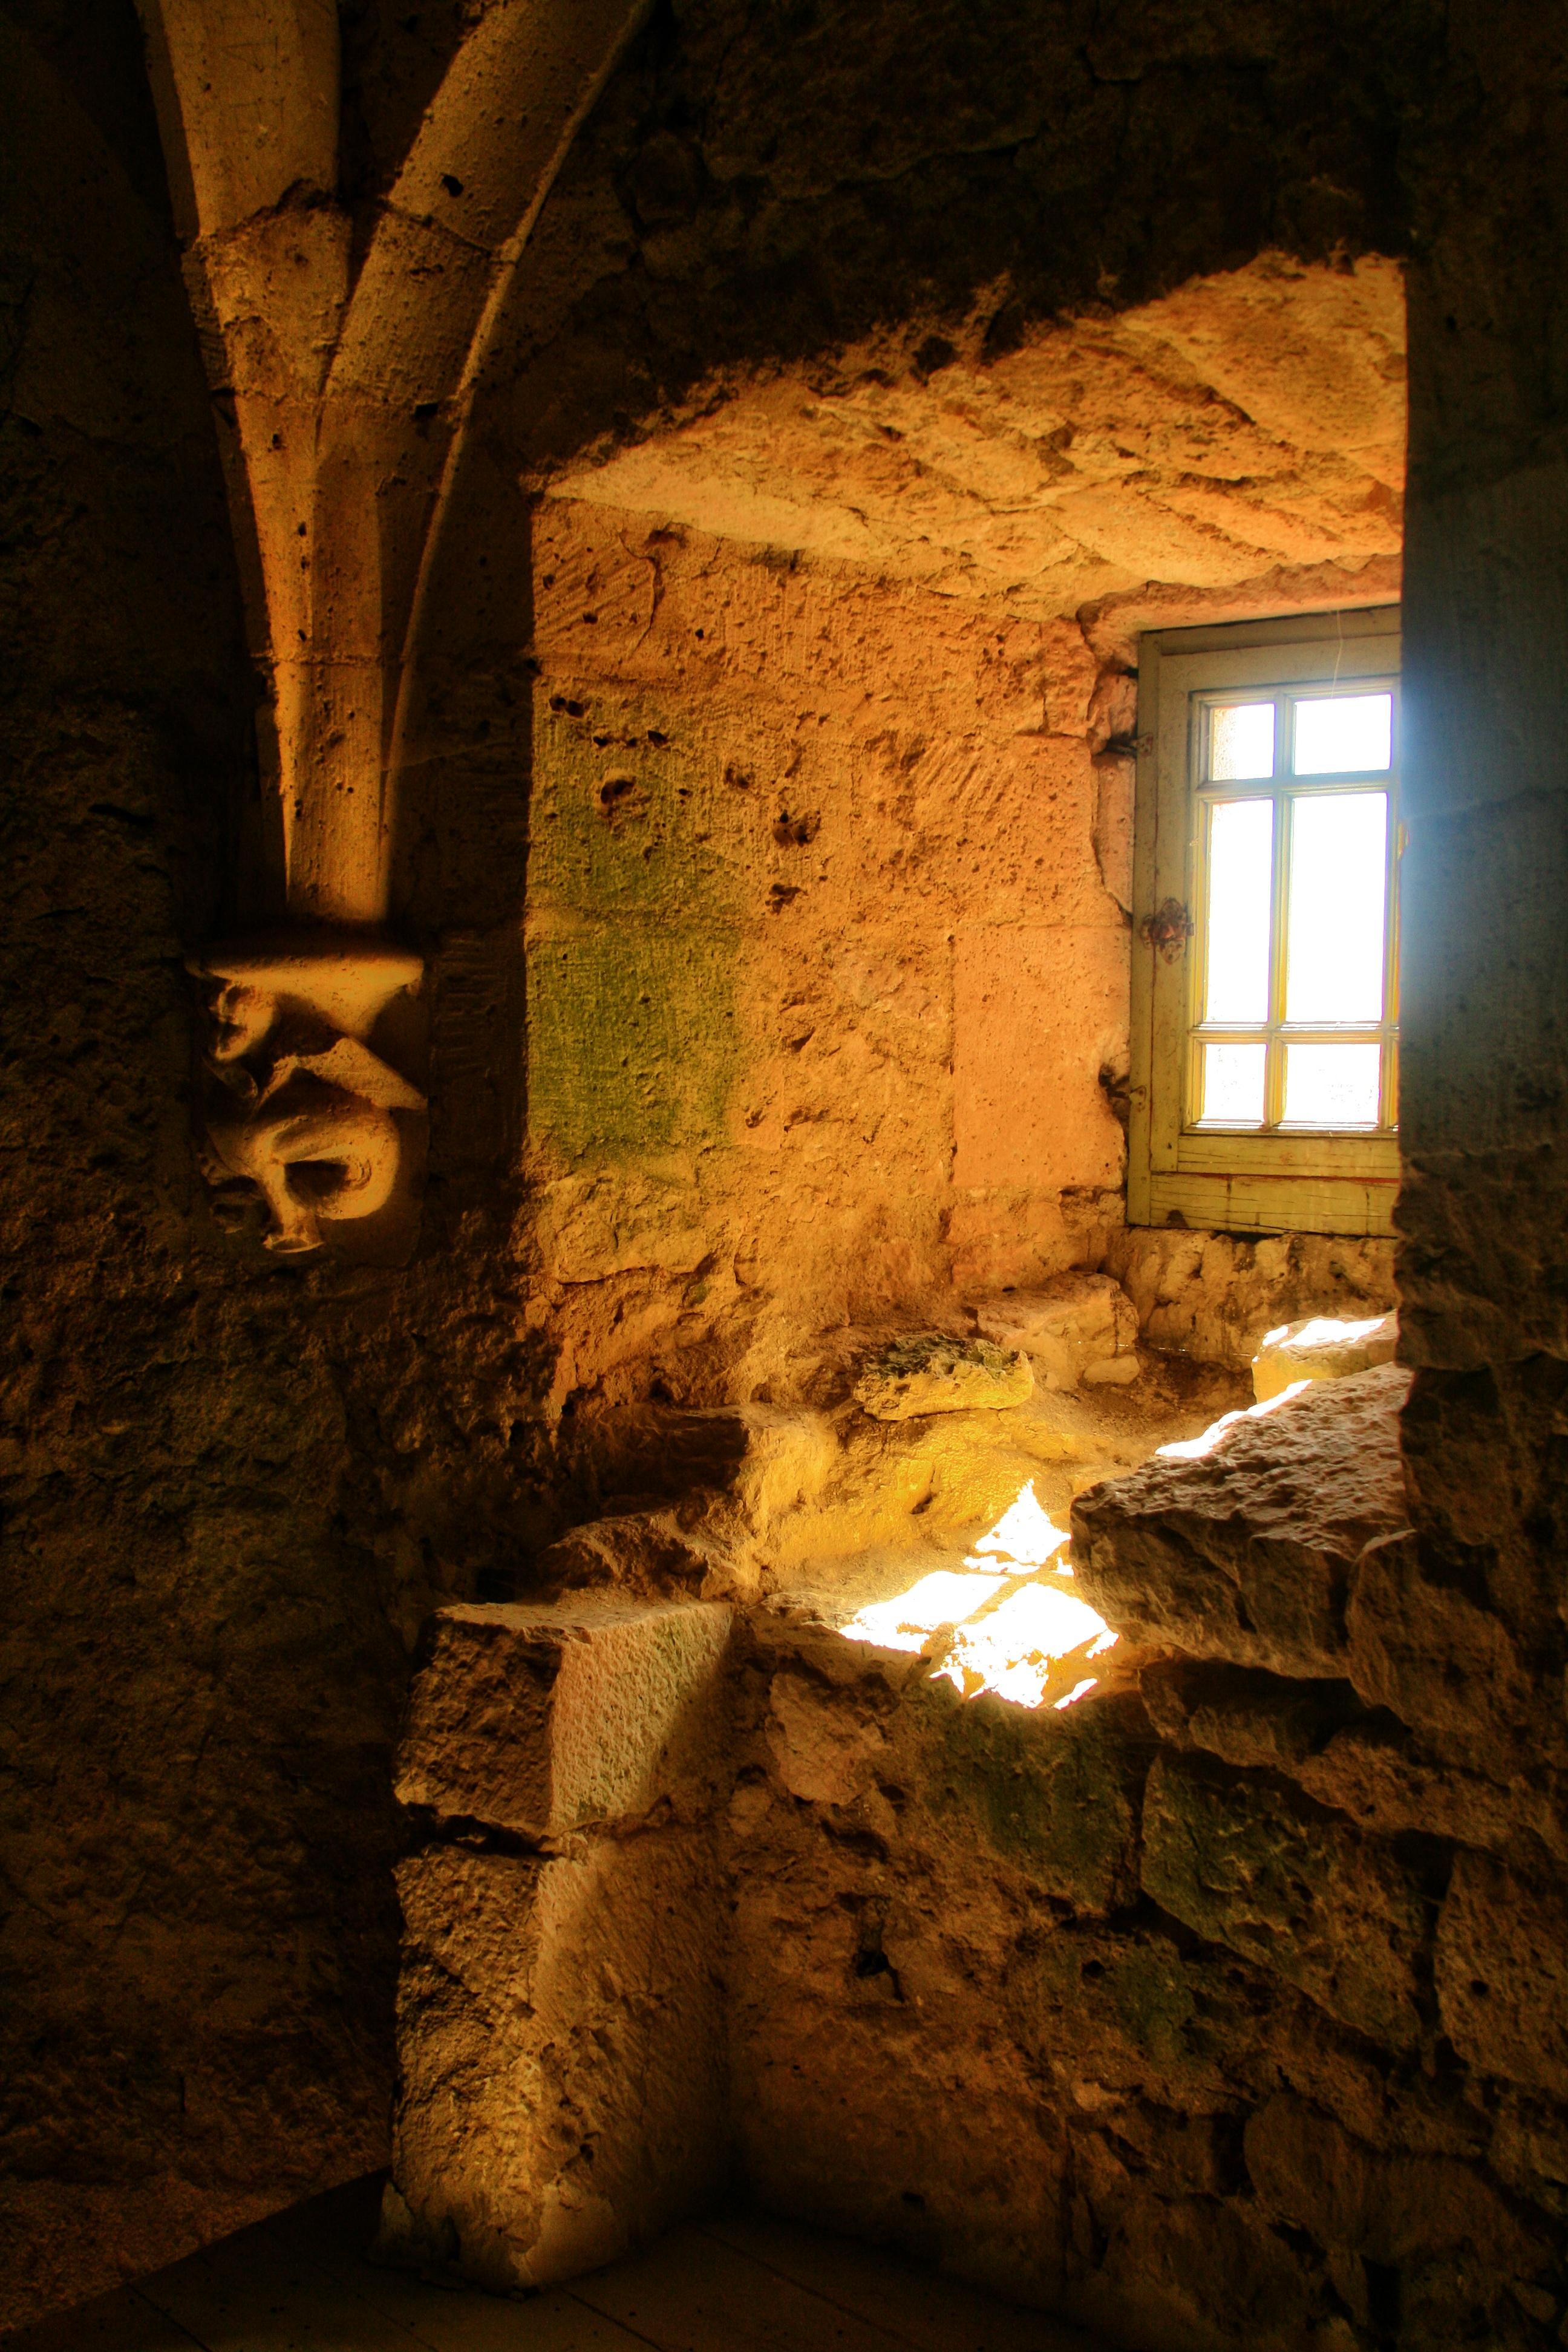 Gratis Afbeeldingen : licht, hout, nacht, zonlicht, venster, muur ...